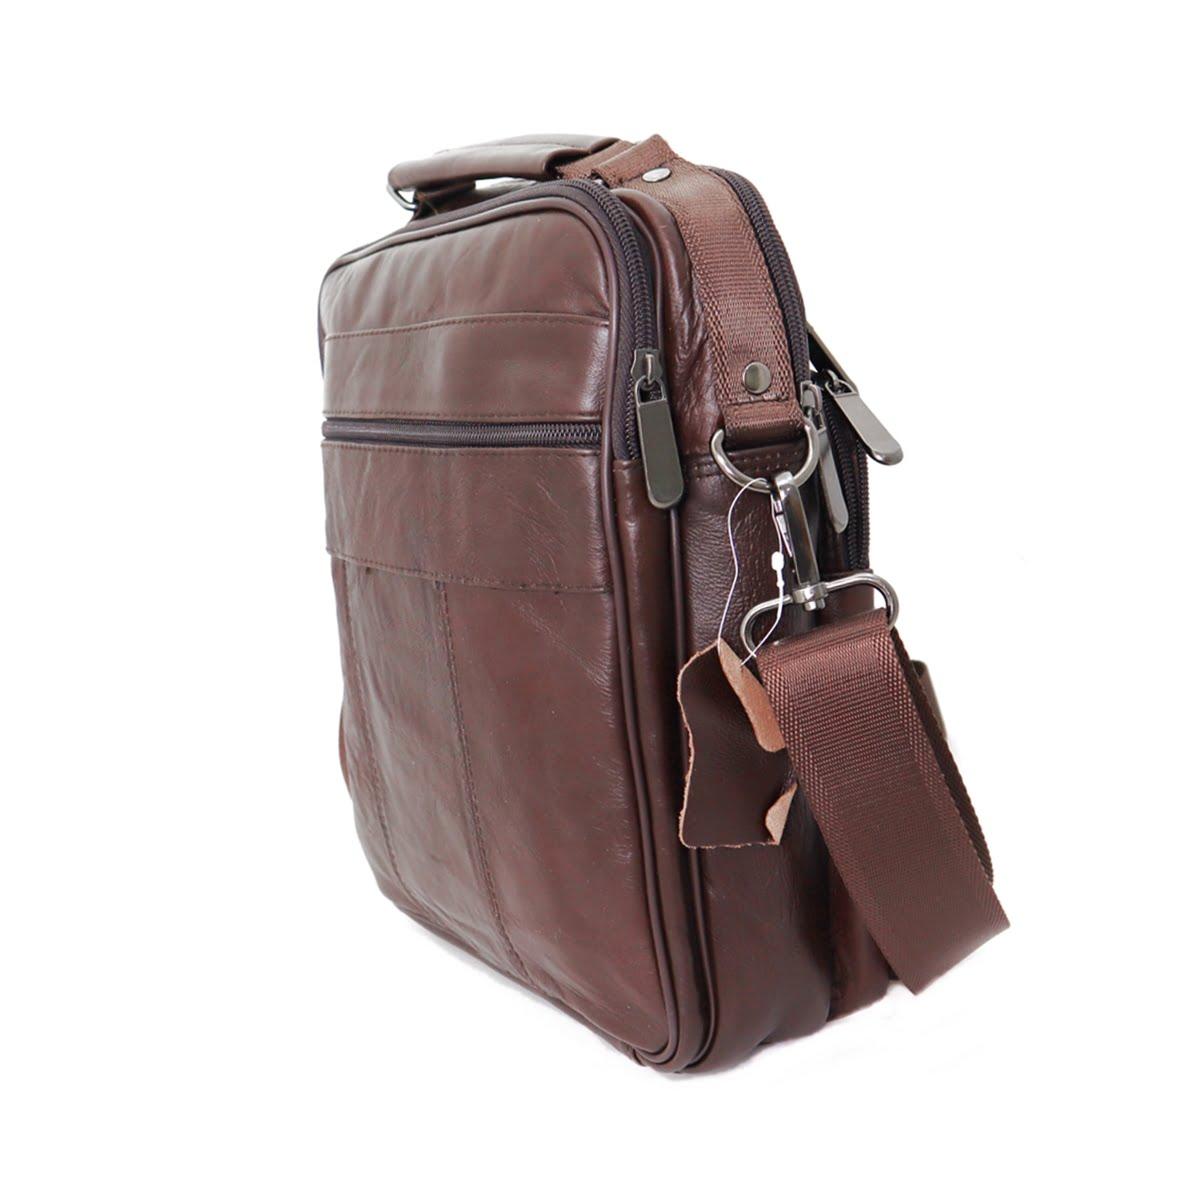 Geanta / Borseta barbateasca de umar si mana, din piele naturala, maro brun, 26/22 cm, Magrot 6105